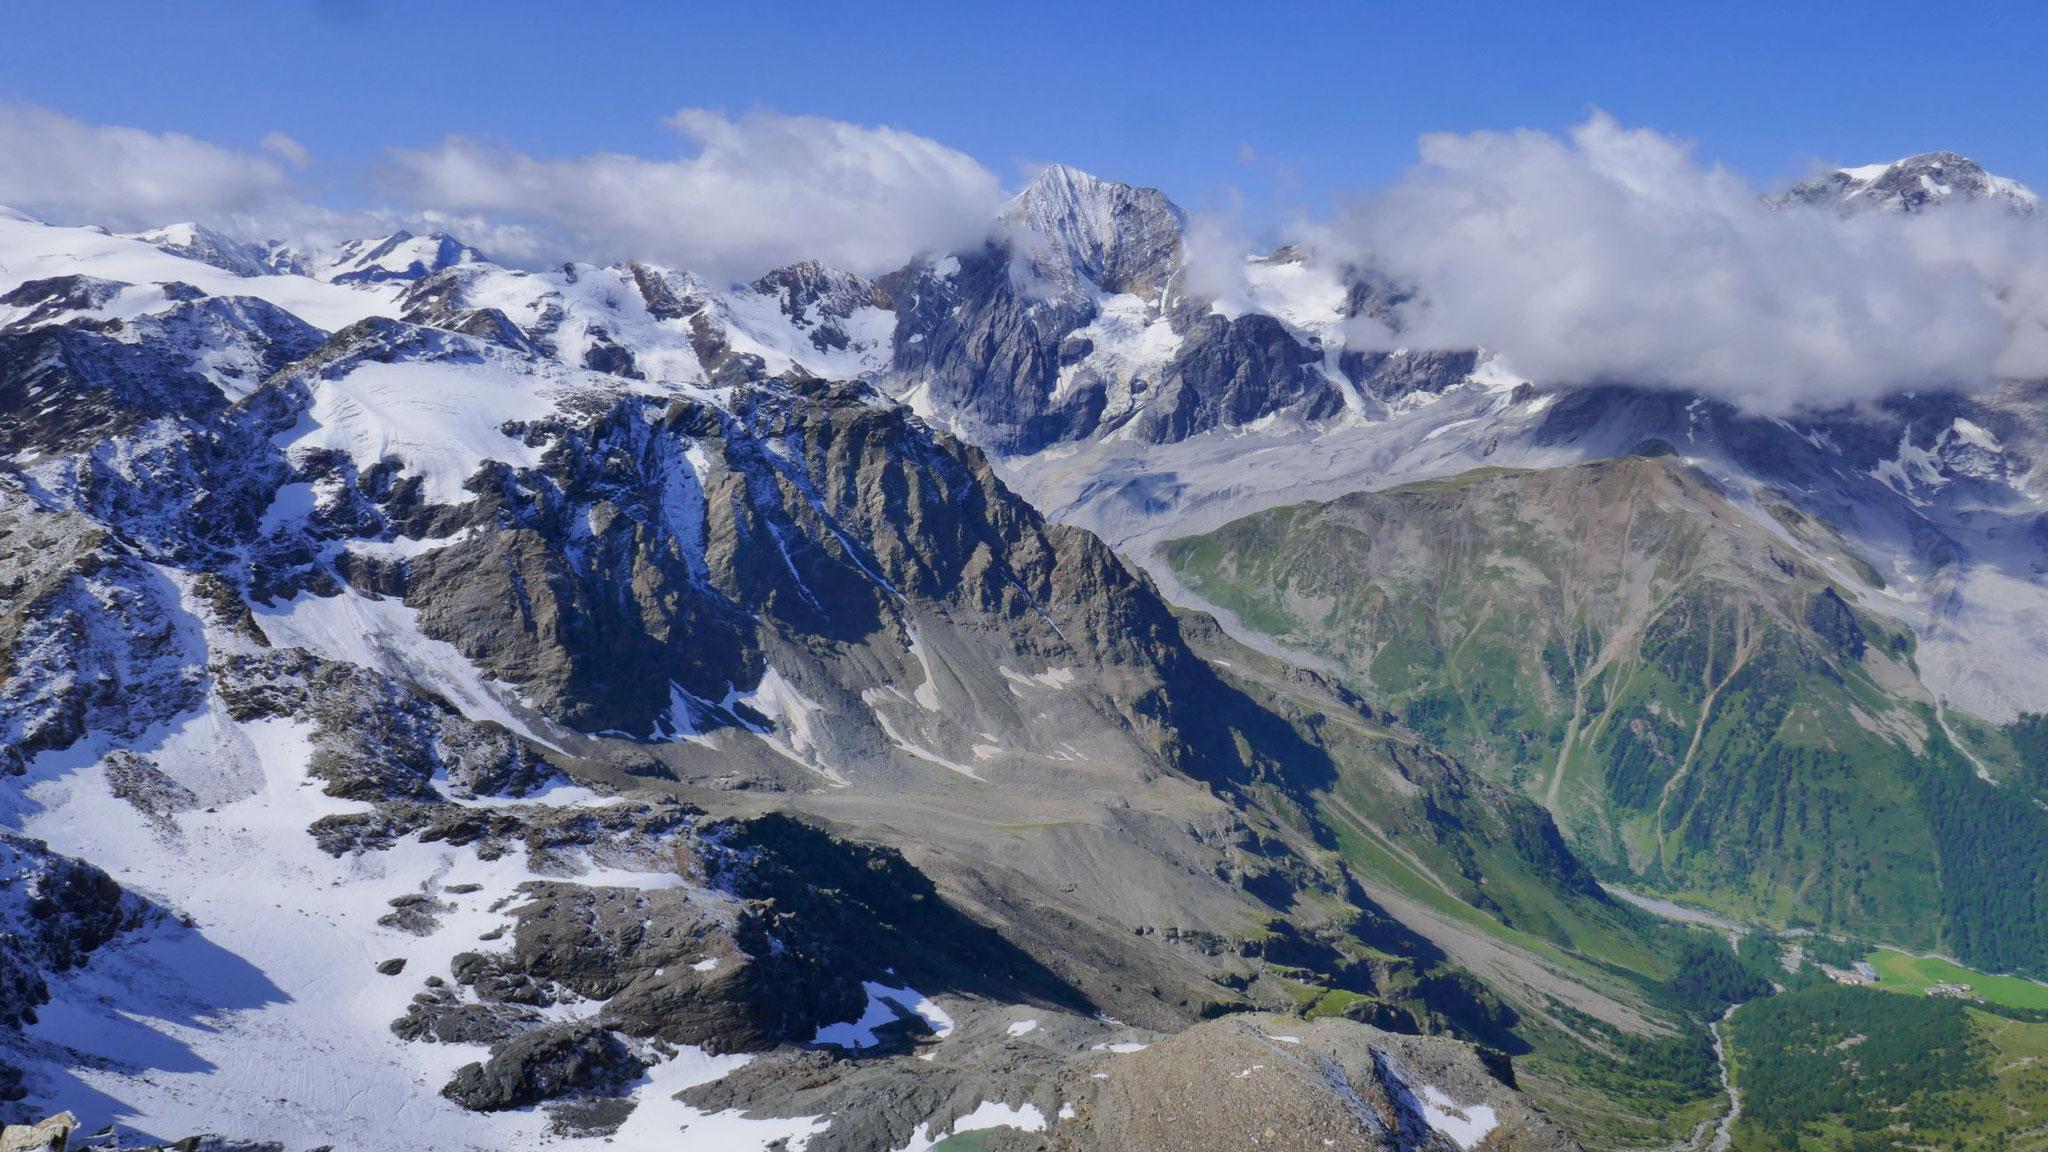 Hinteres Suldental und links der weitere Kamm Richtung Süden, u.a. mit Hinterer Schöntauf- und Butzenspitze